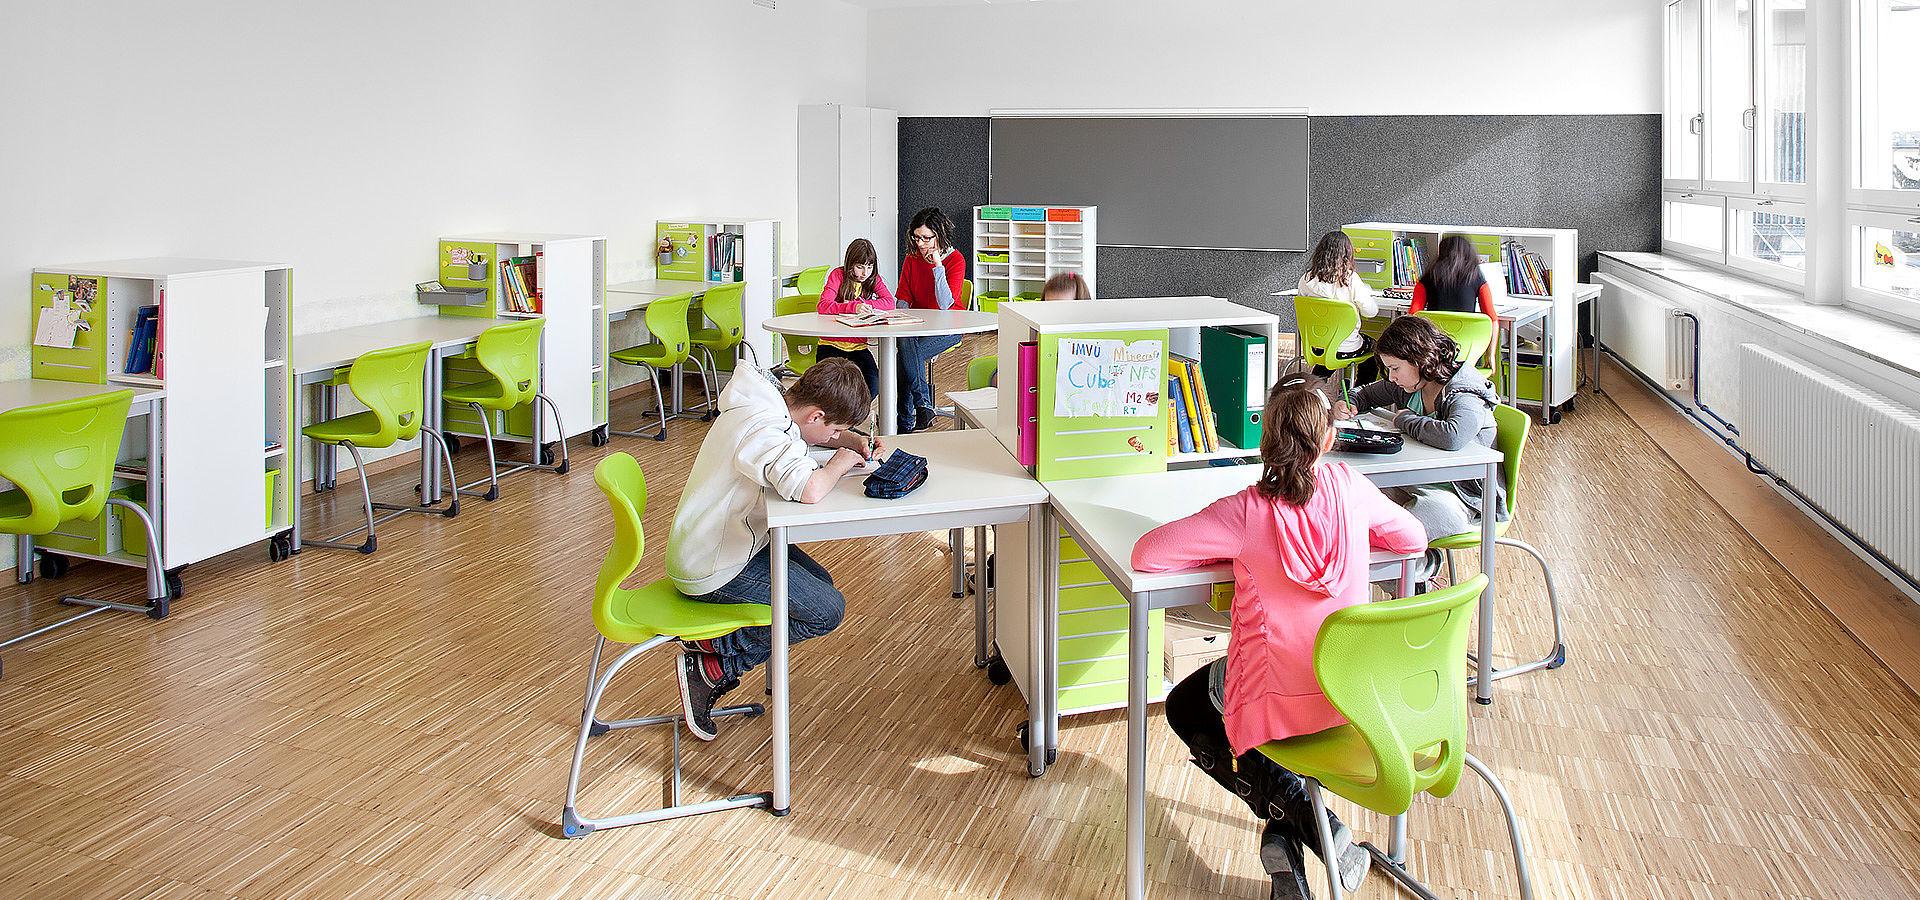 Bild: Ein Tag mit Lernmöbeln